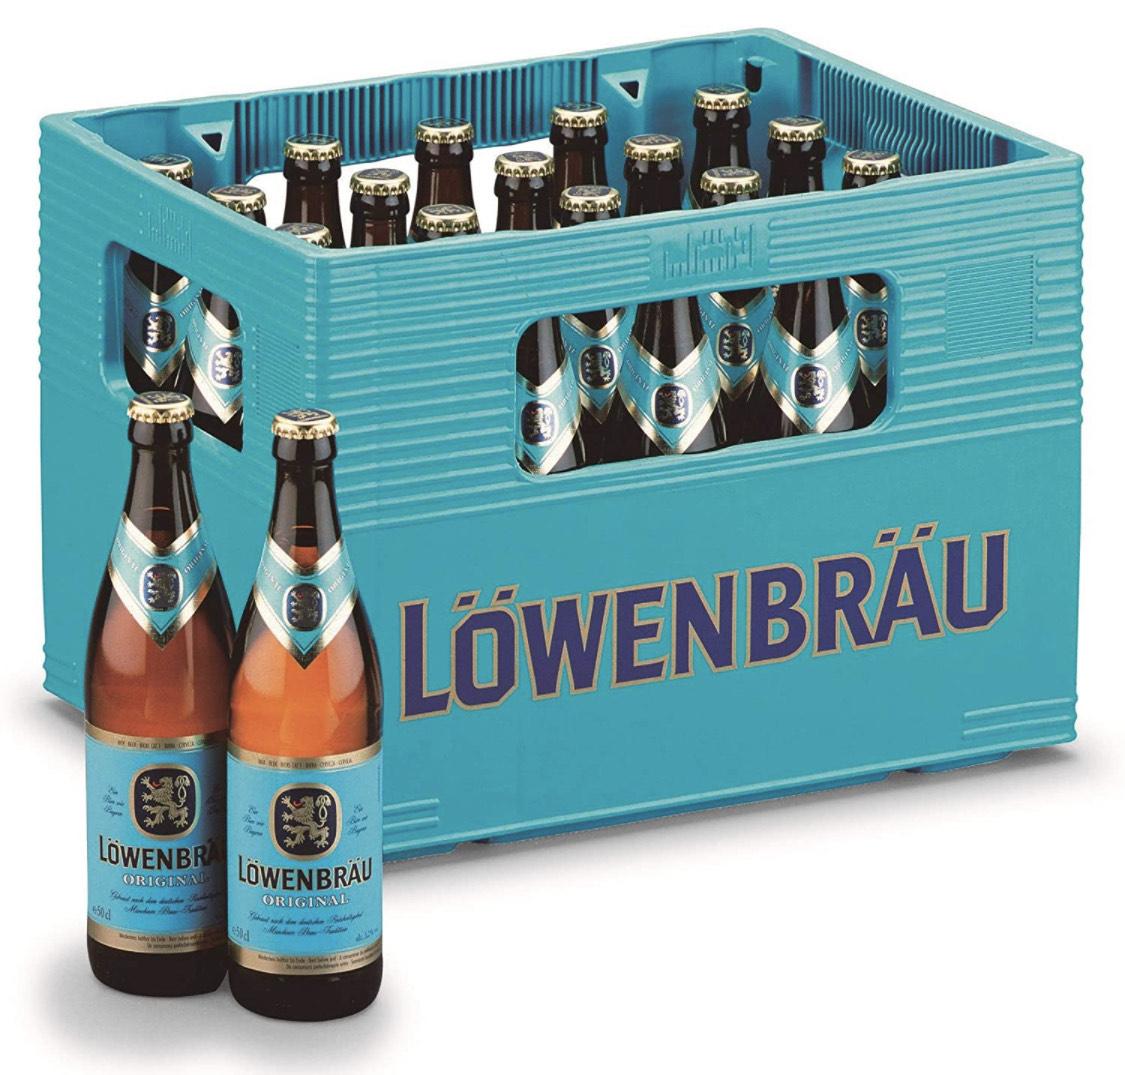 Löwenbräu Original Helles aus München (20 x 0.5 l) im Kasten